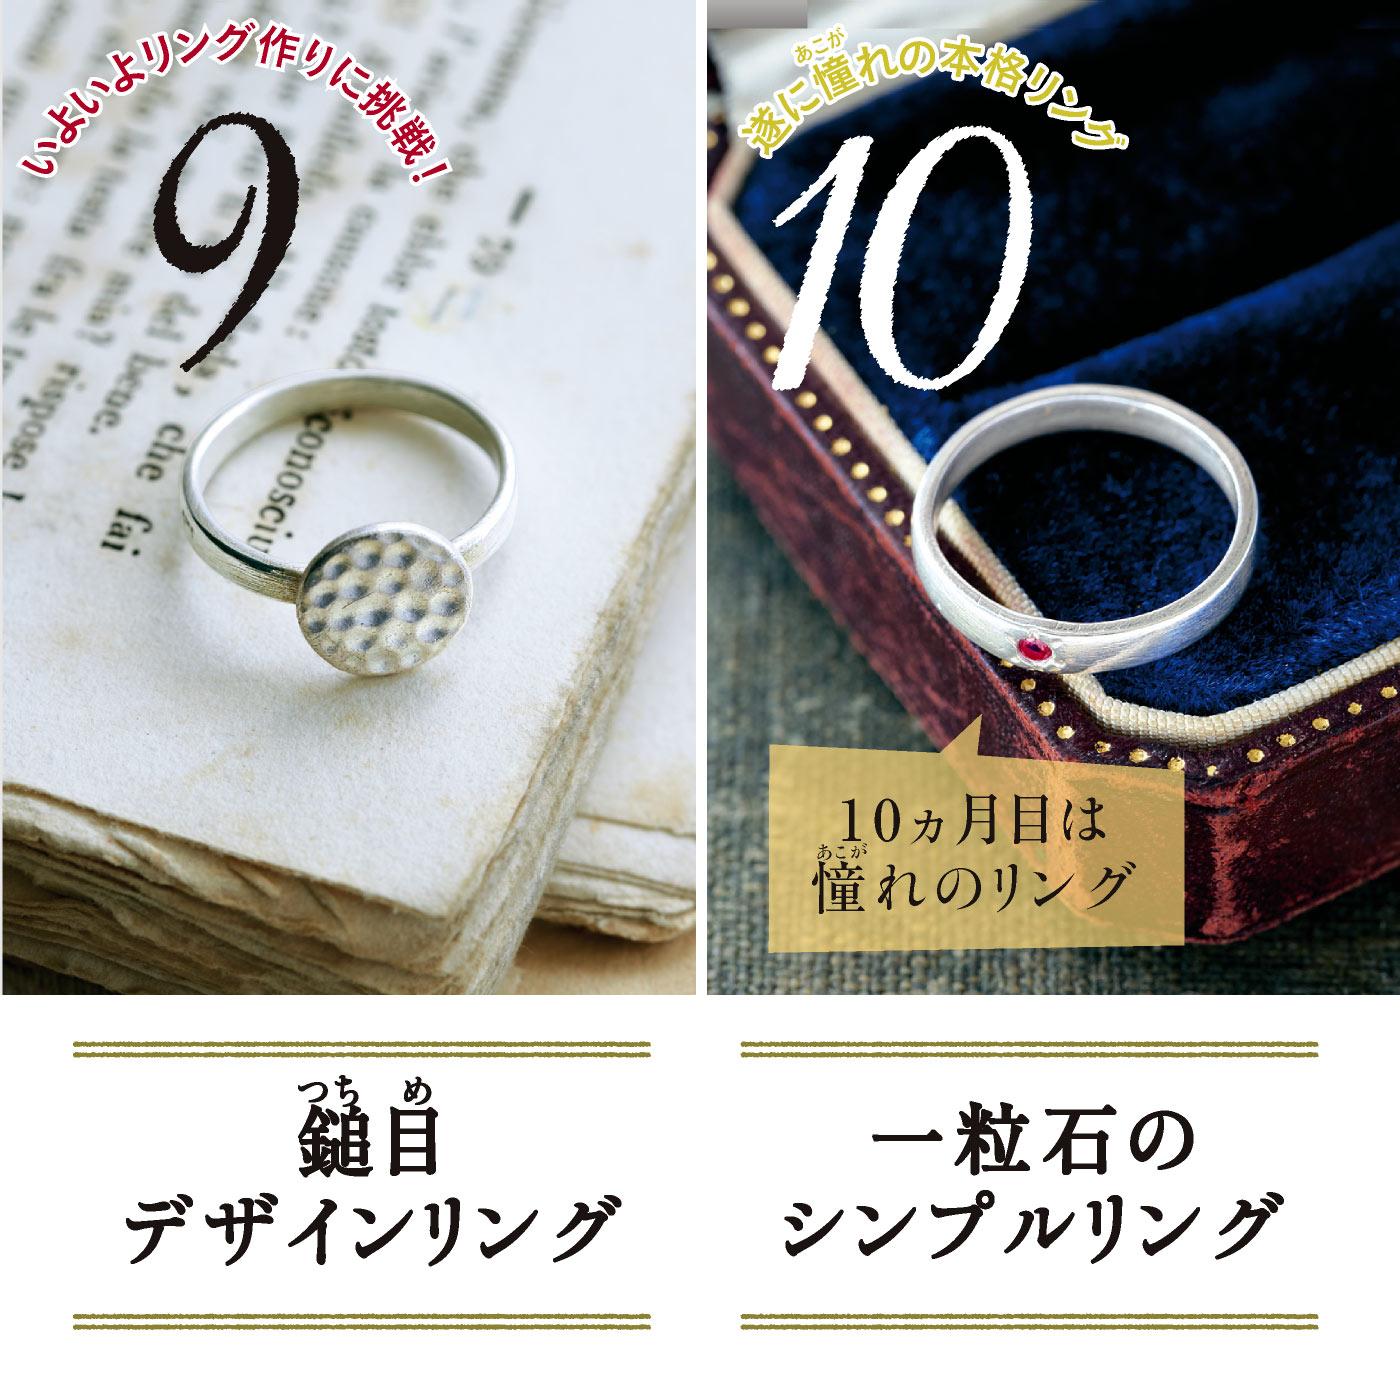 レッスン9 鎚目(つちめ)デザインリング / レッスン10 一粒石のシンプルリング